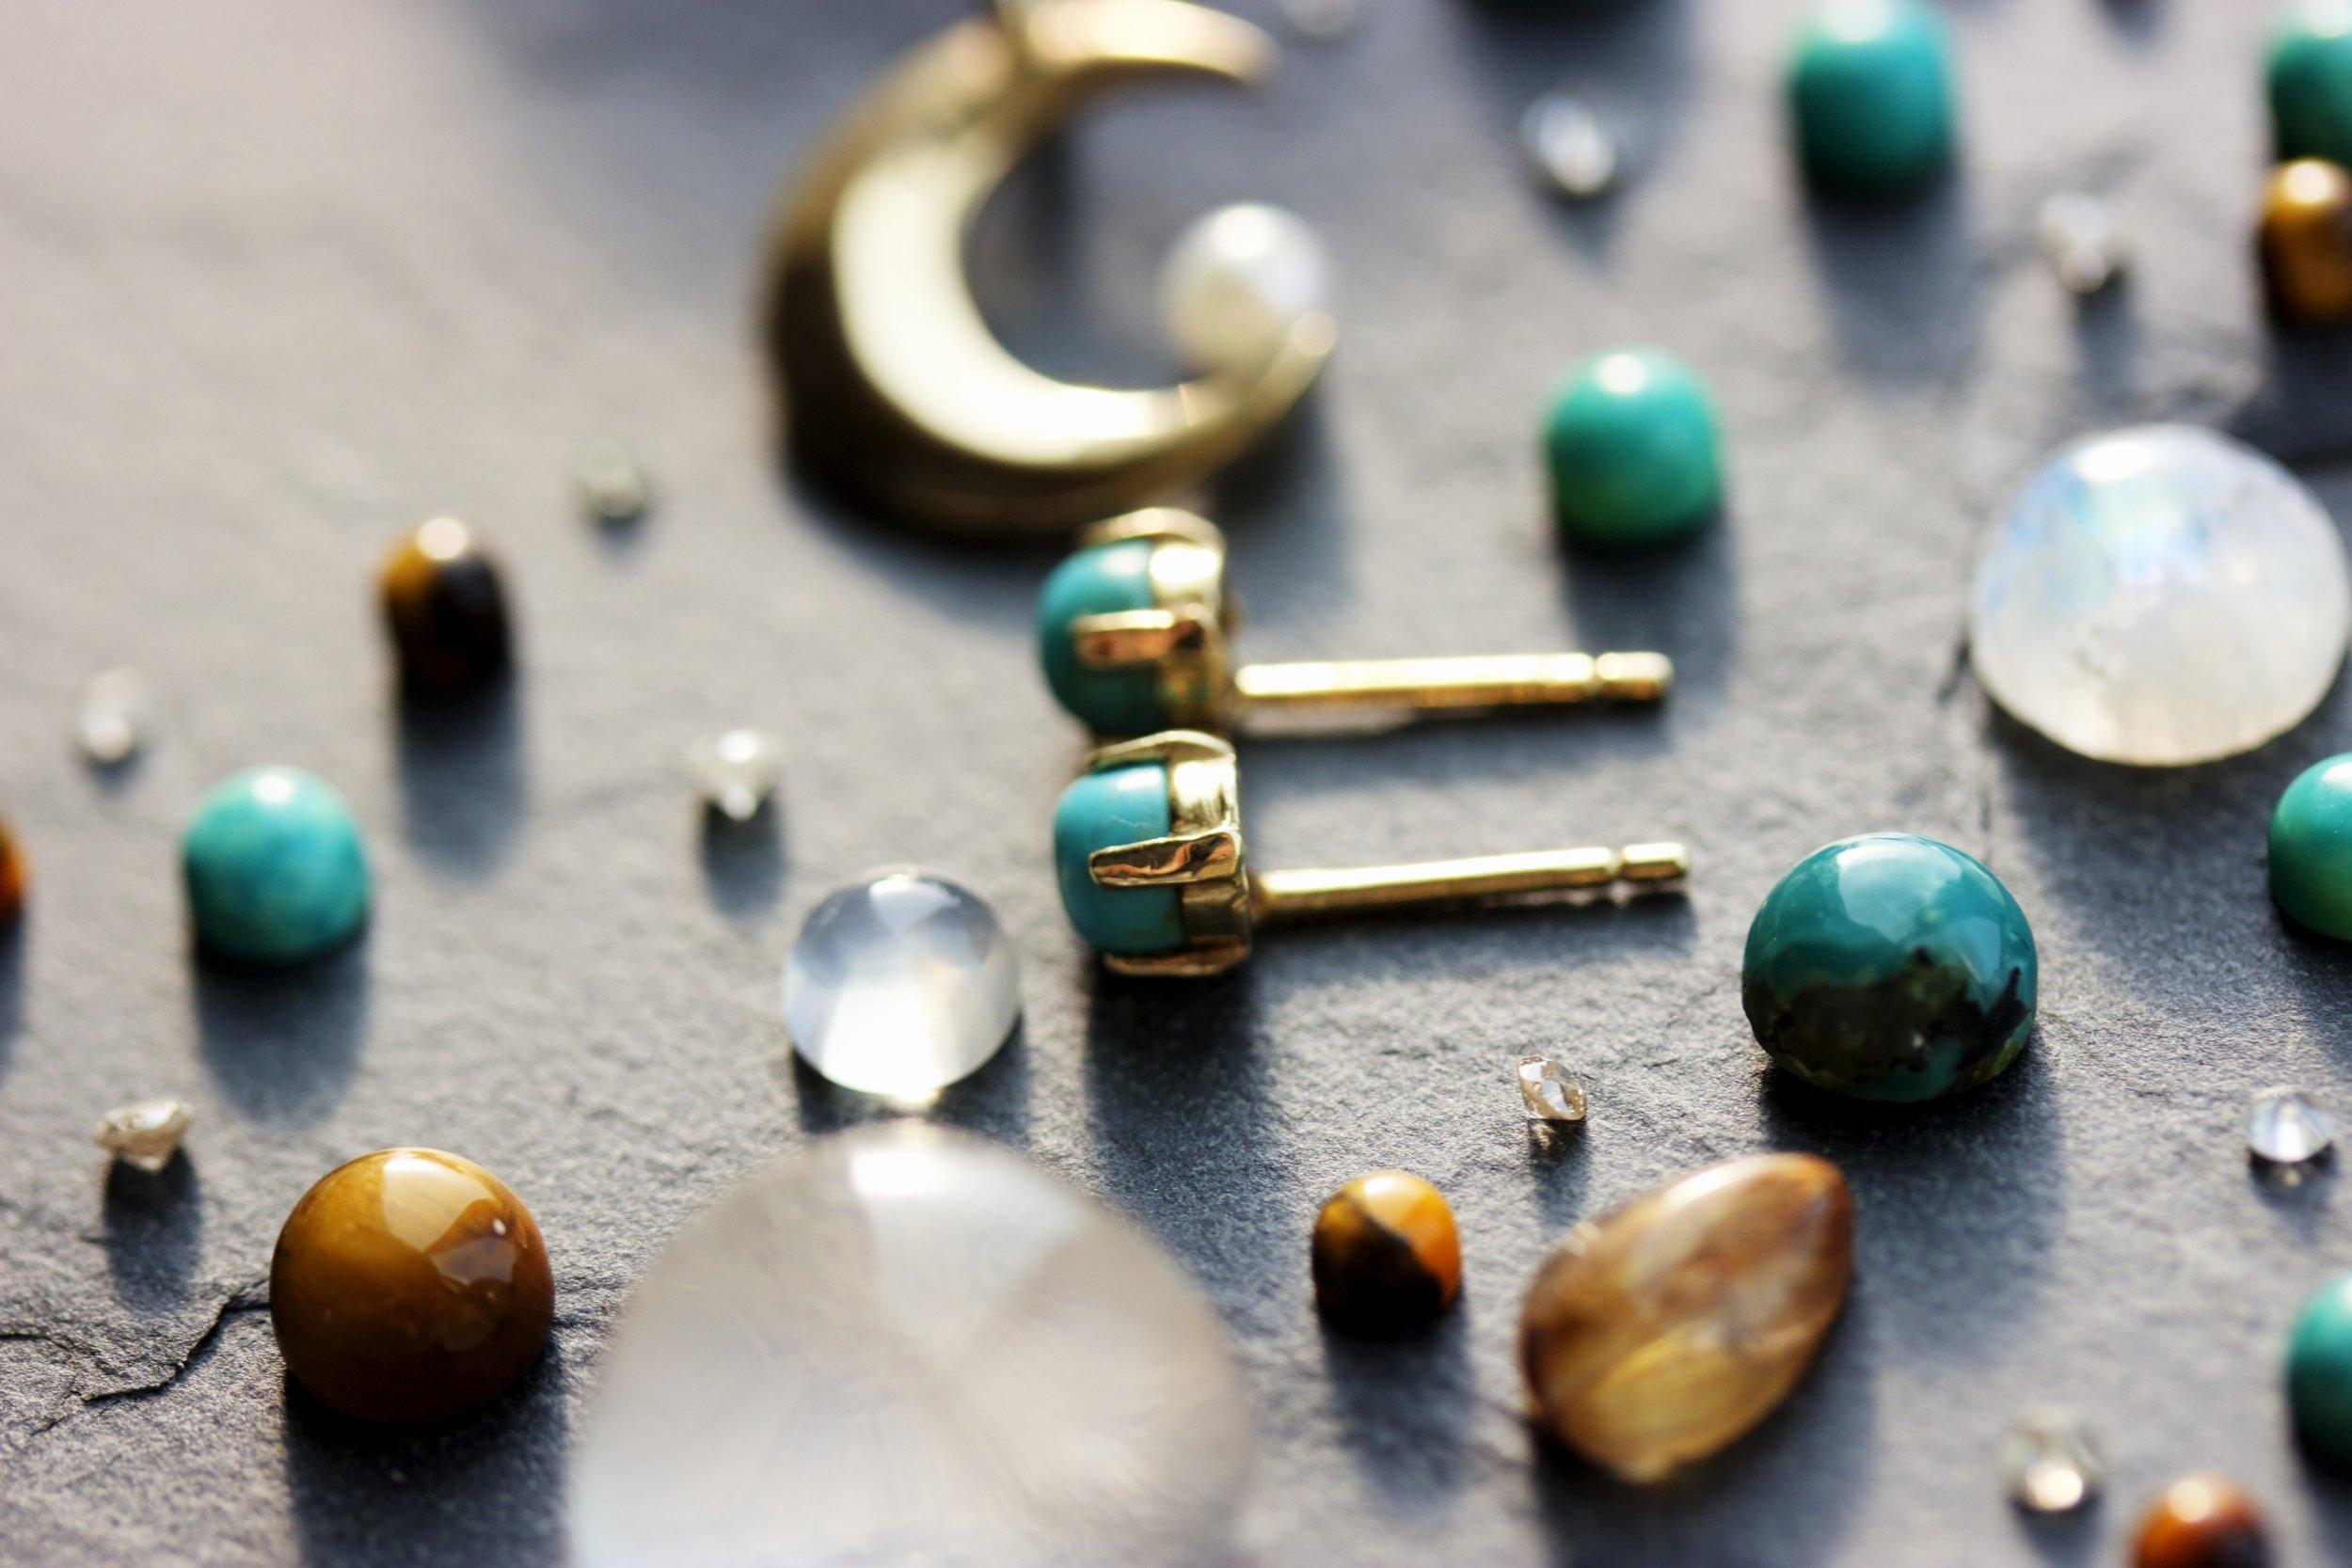 Yellow_Gold_Turquoise_Post_Earrings_Gem_Matrix_2013-10-01 21.13.17_tonemapped.jpg